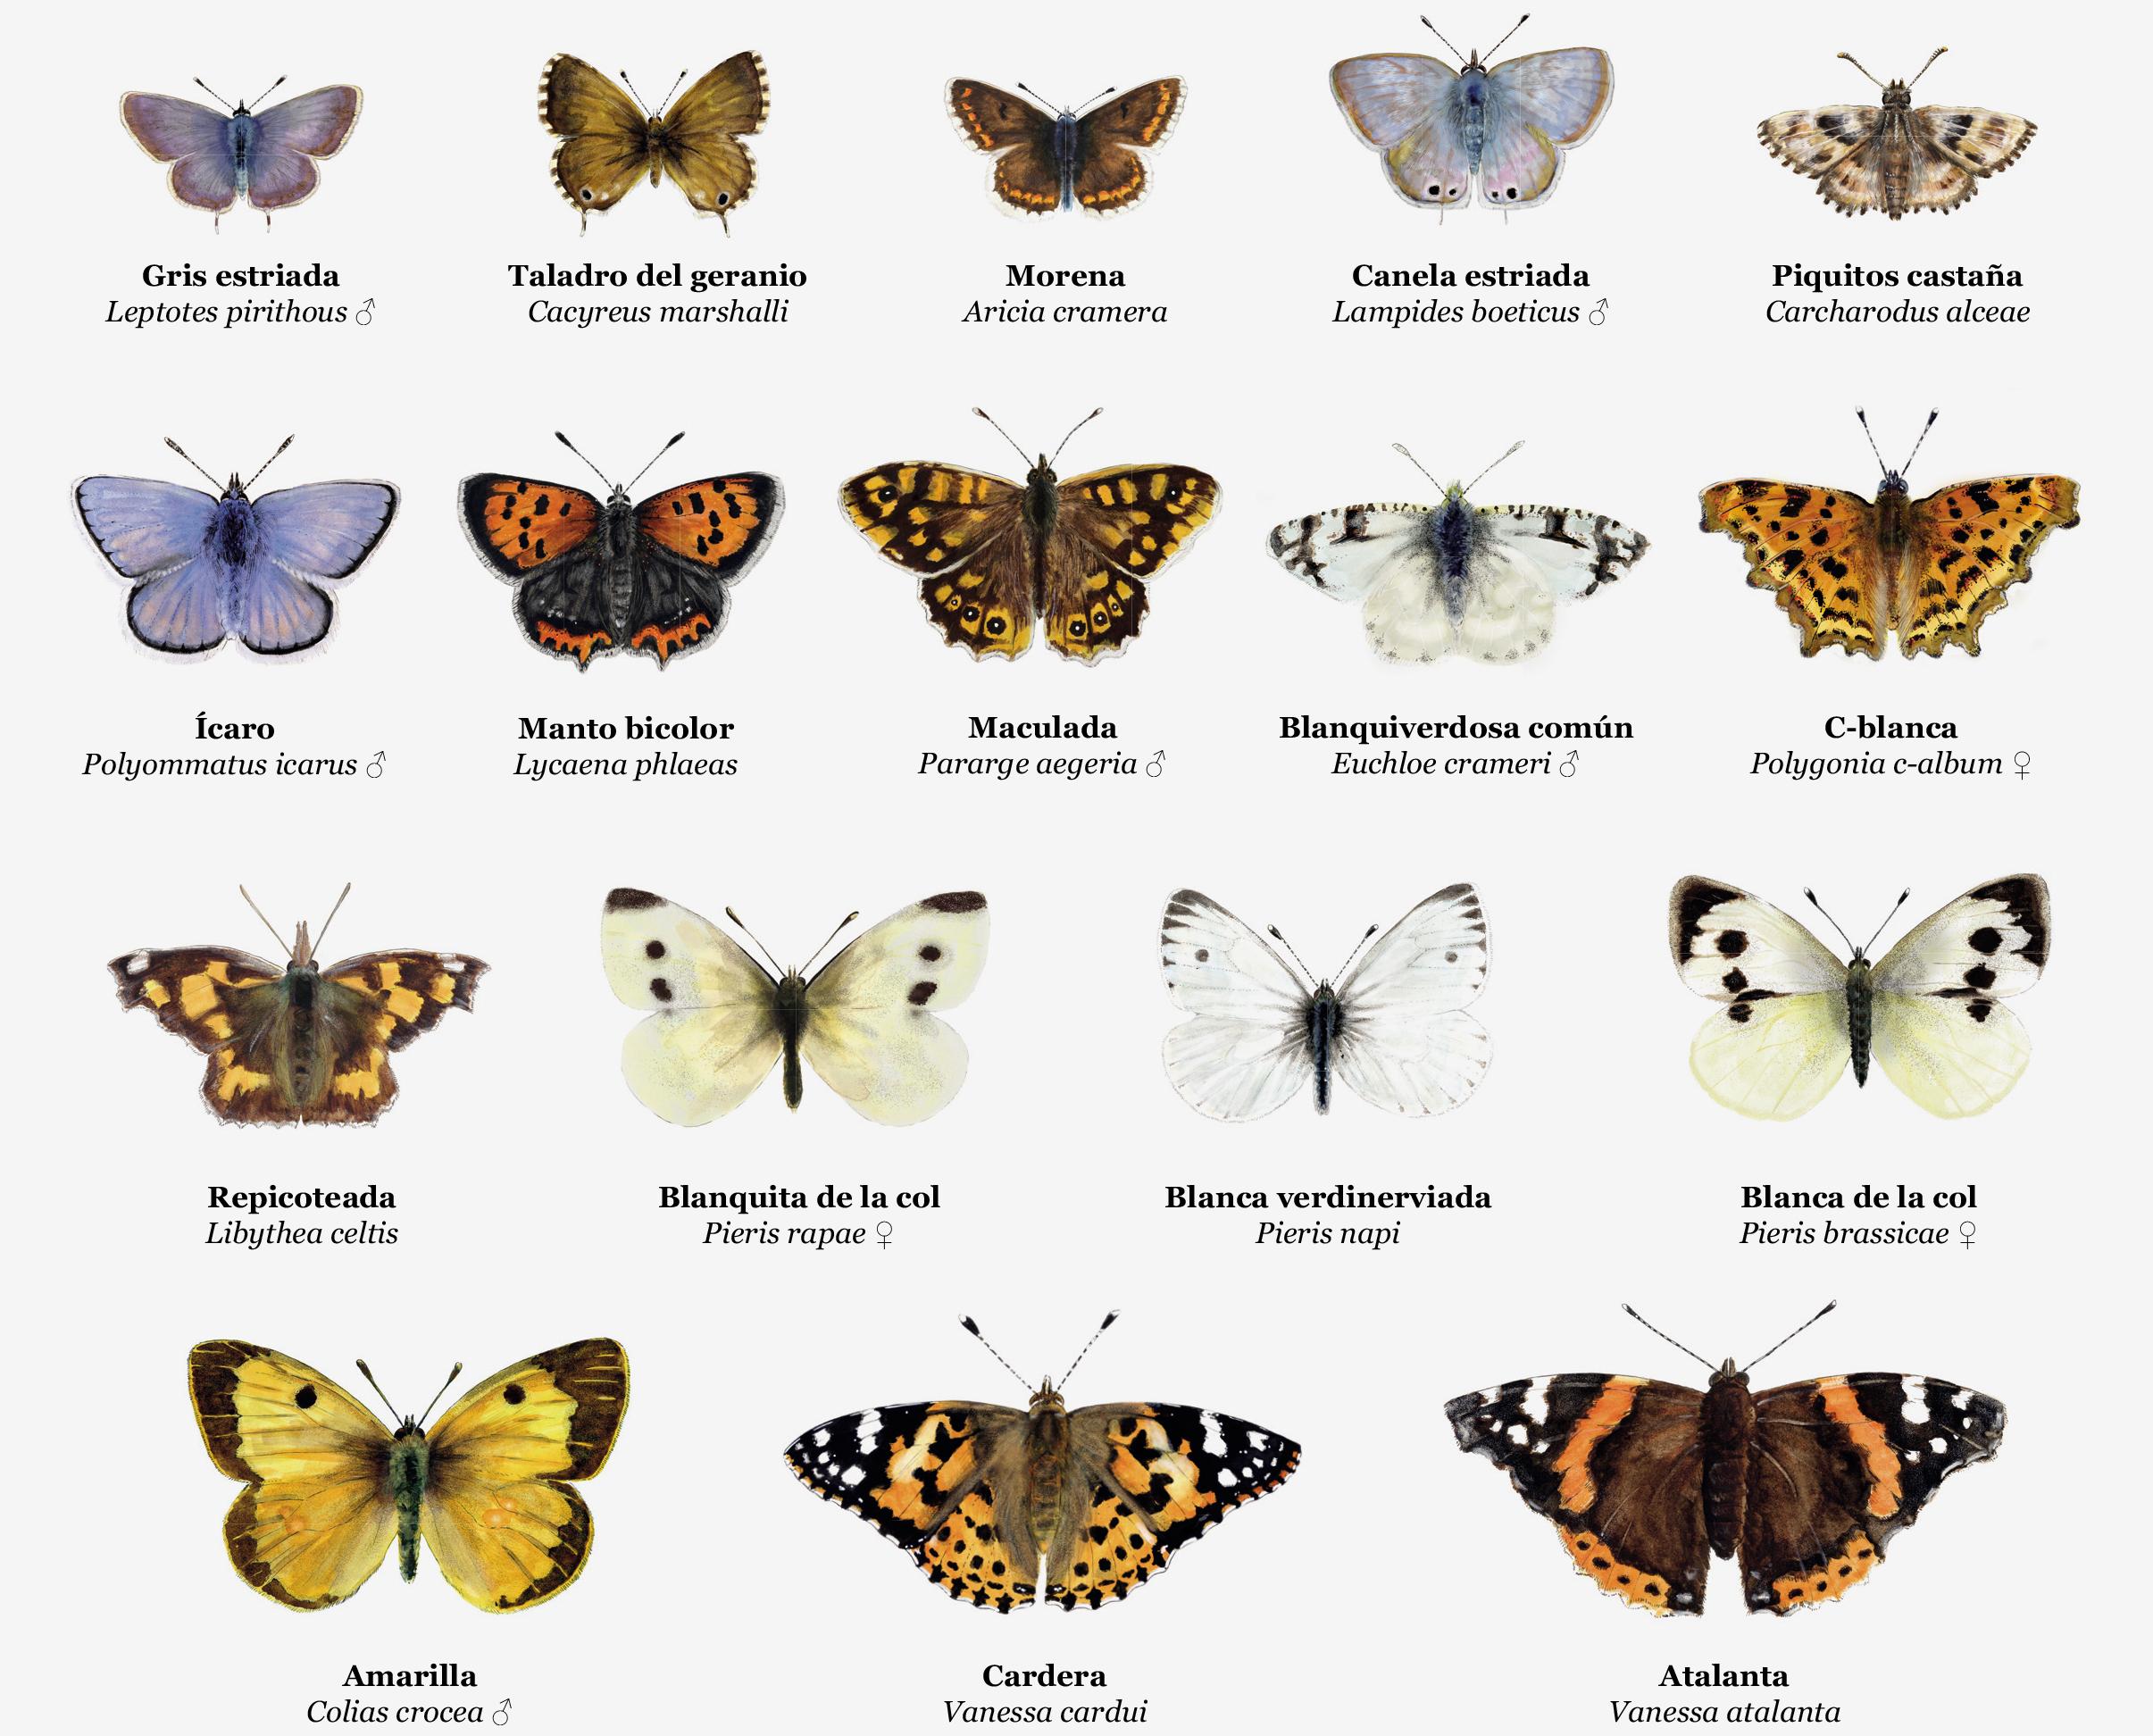 Guía de mariposas del Real Jardín Botánico de Madrid.